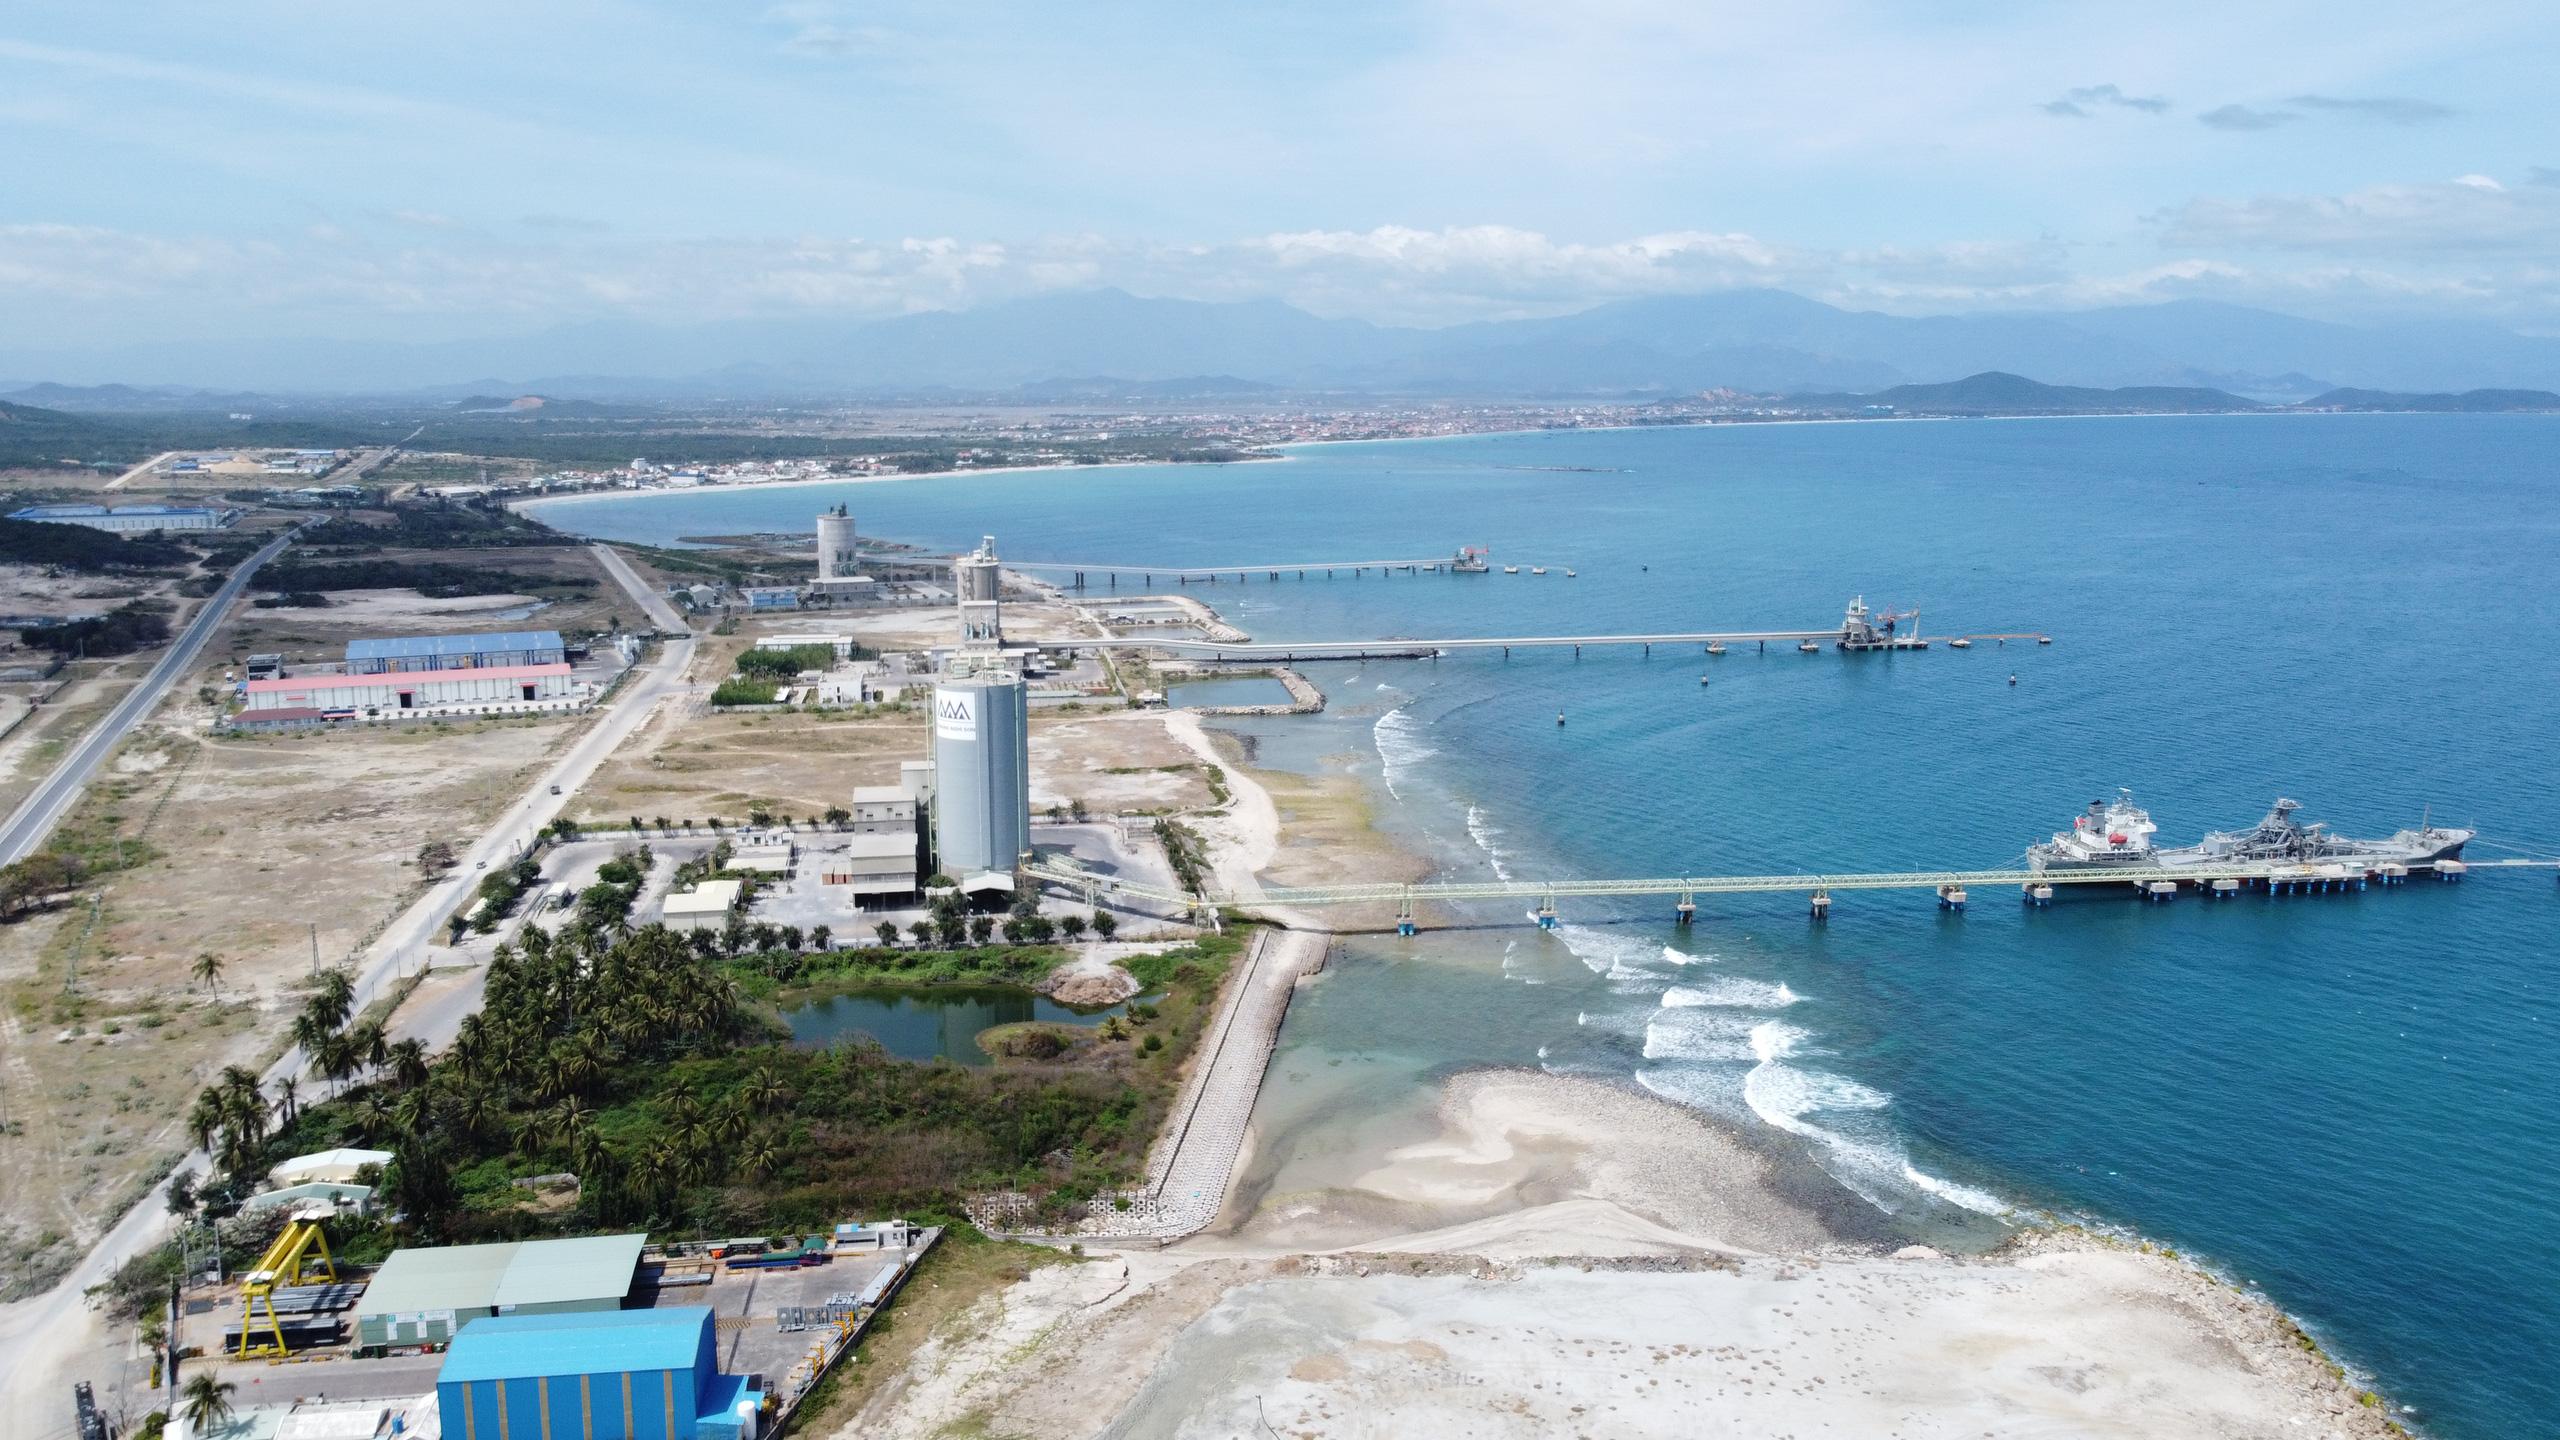 FPT và McKinsey & Company sẽ lập quy hoạch tỉnh Khánh Hòa thời kỳ 2021 - 2030 - Ảnh 2.